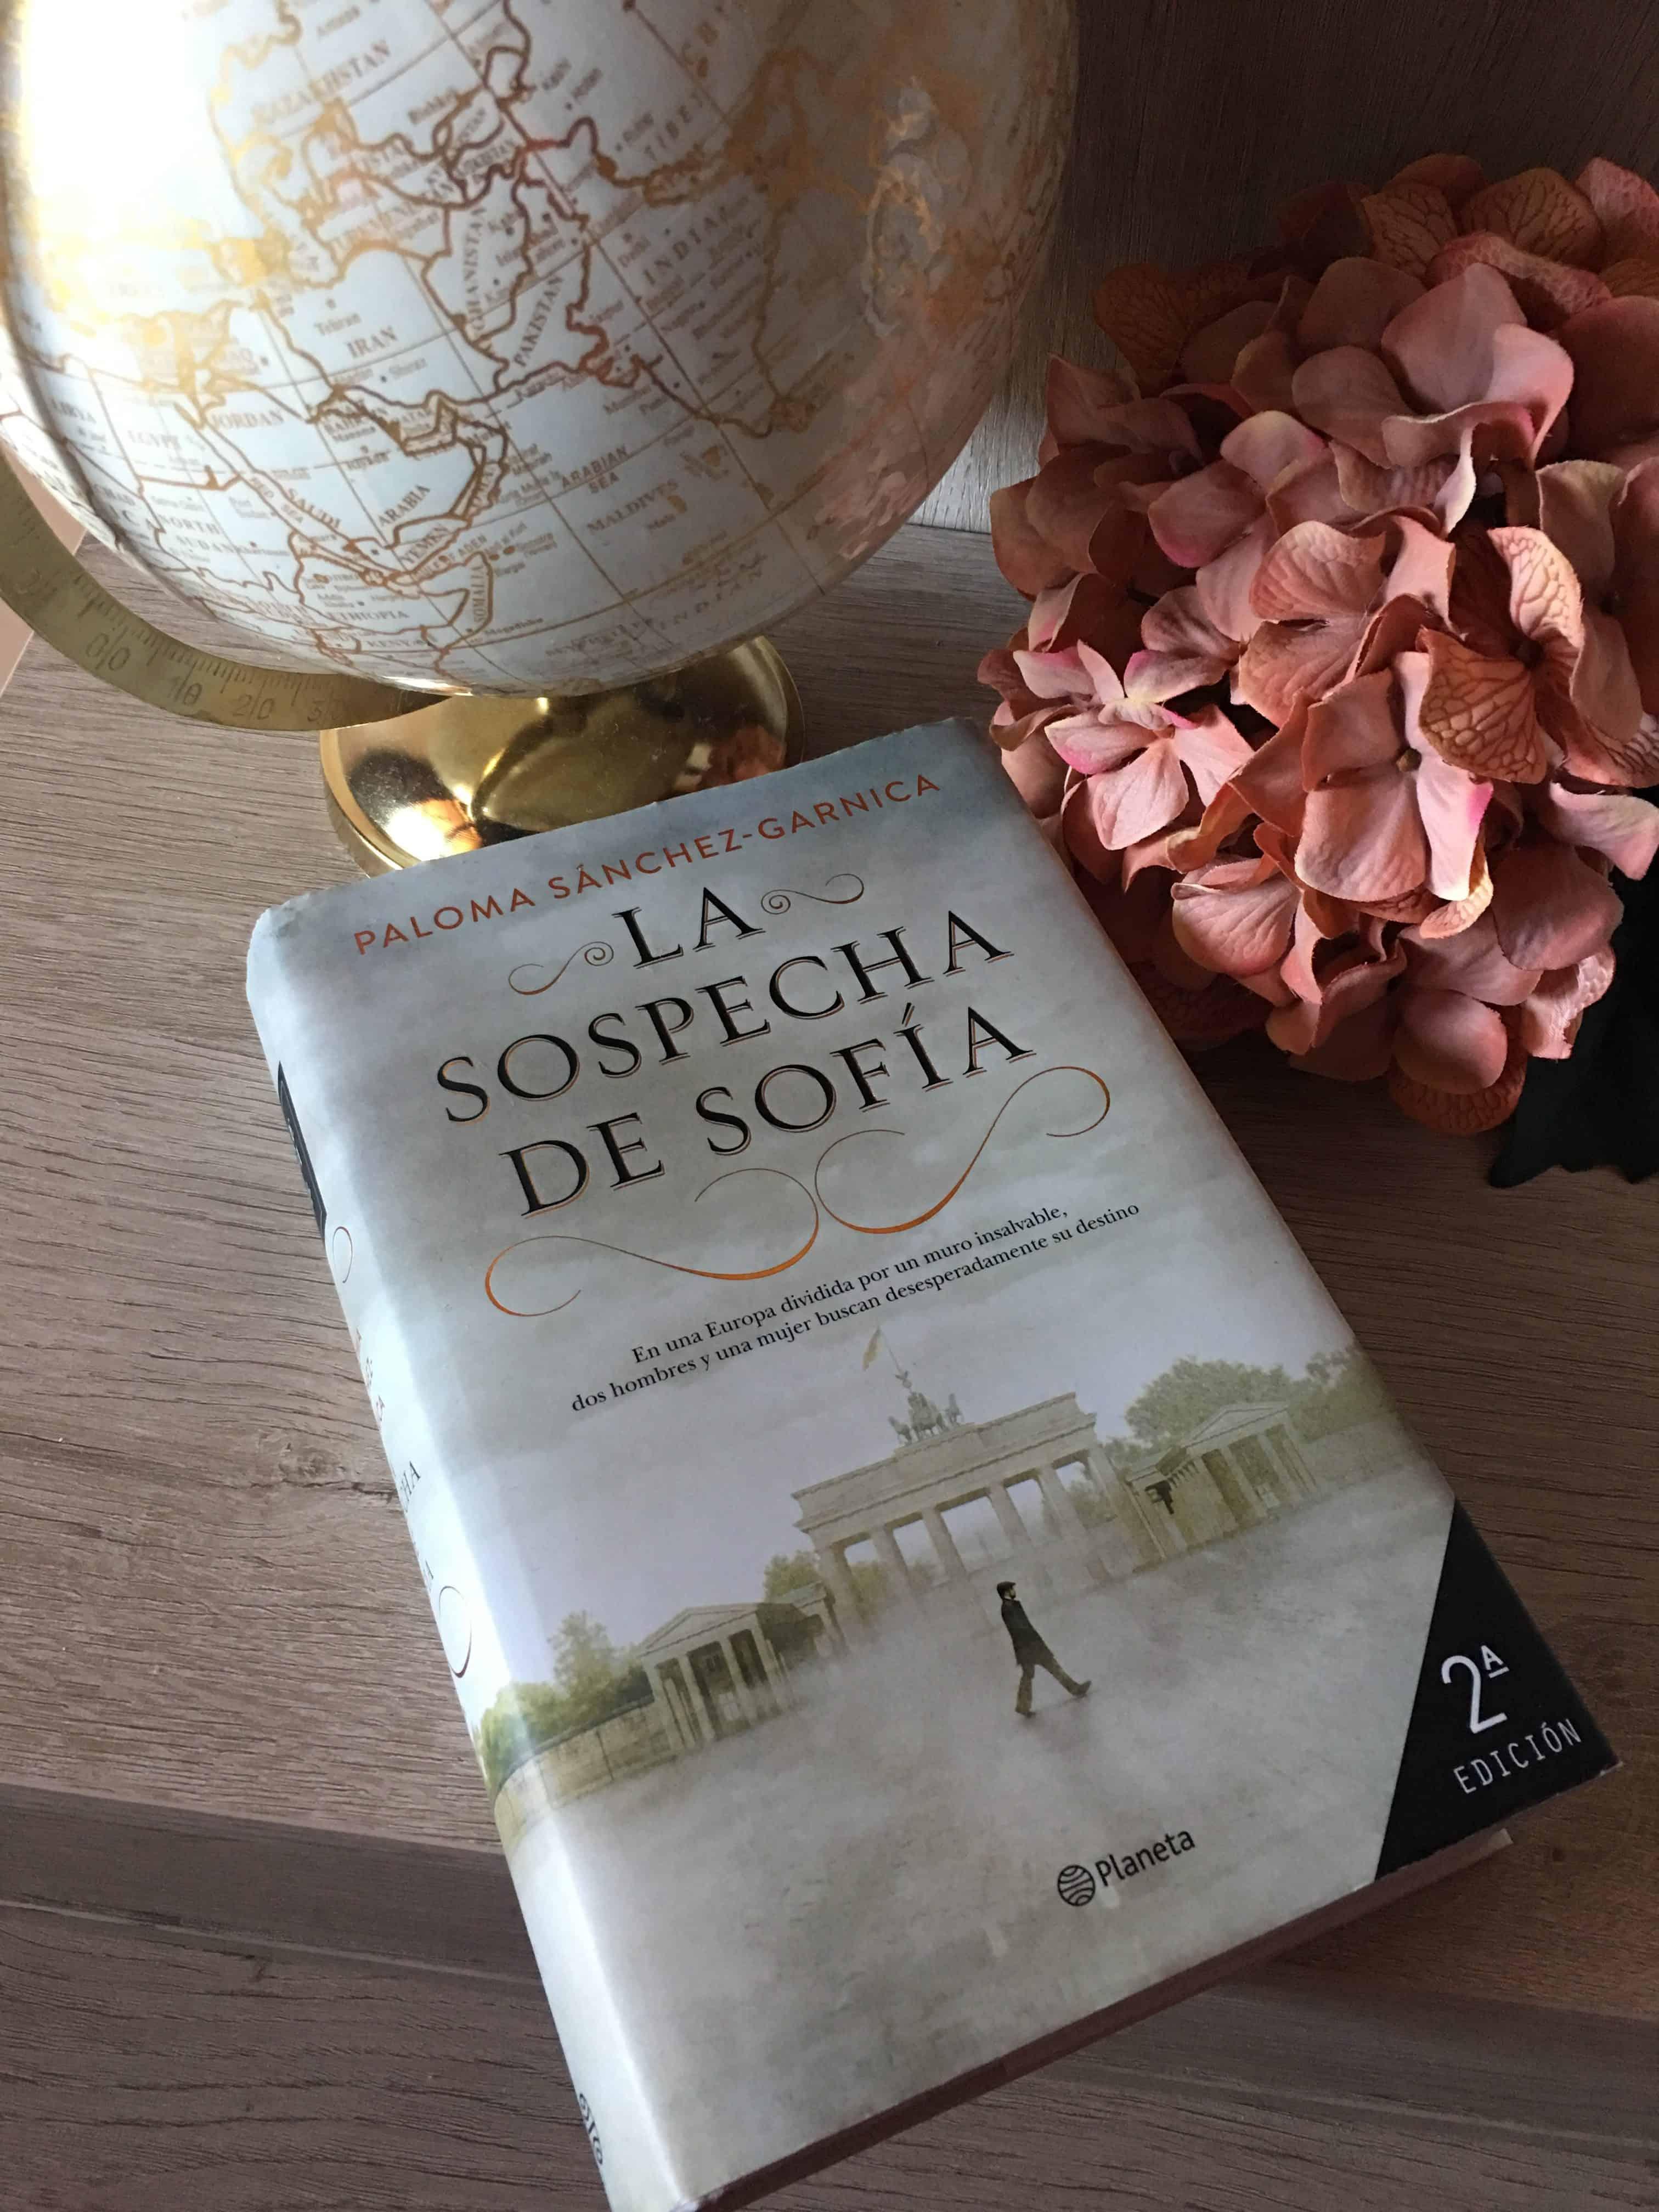 La sospecha de Sofía de Paloma Sánchez-Garnica